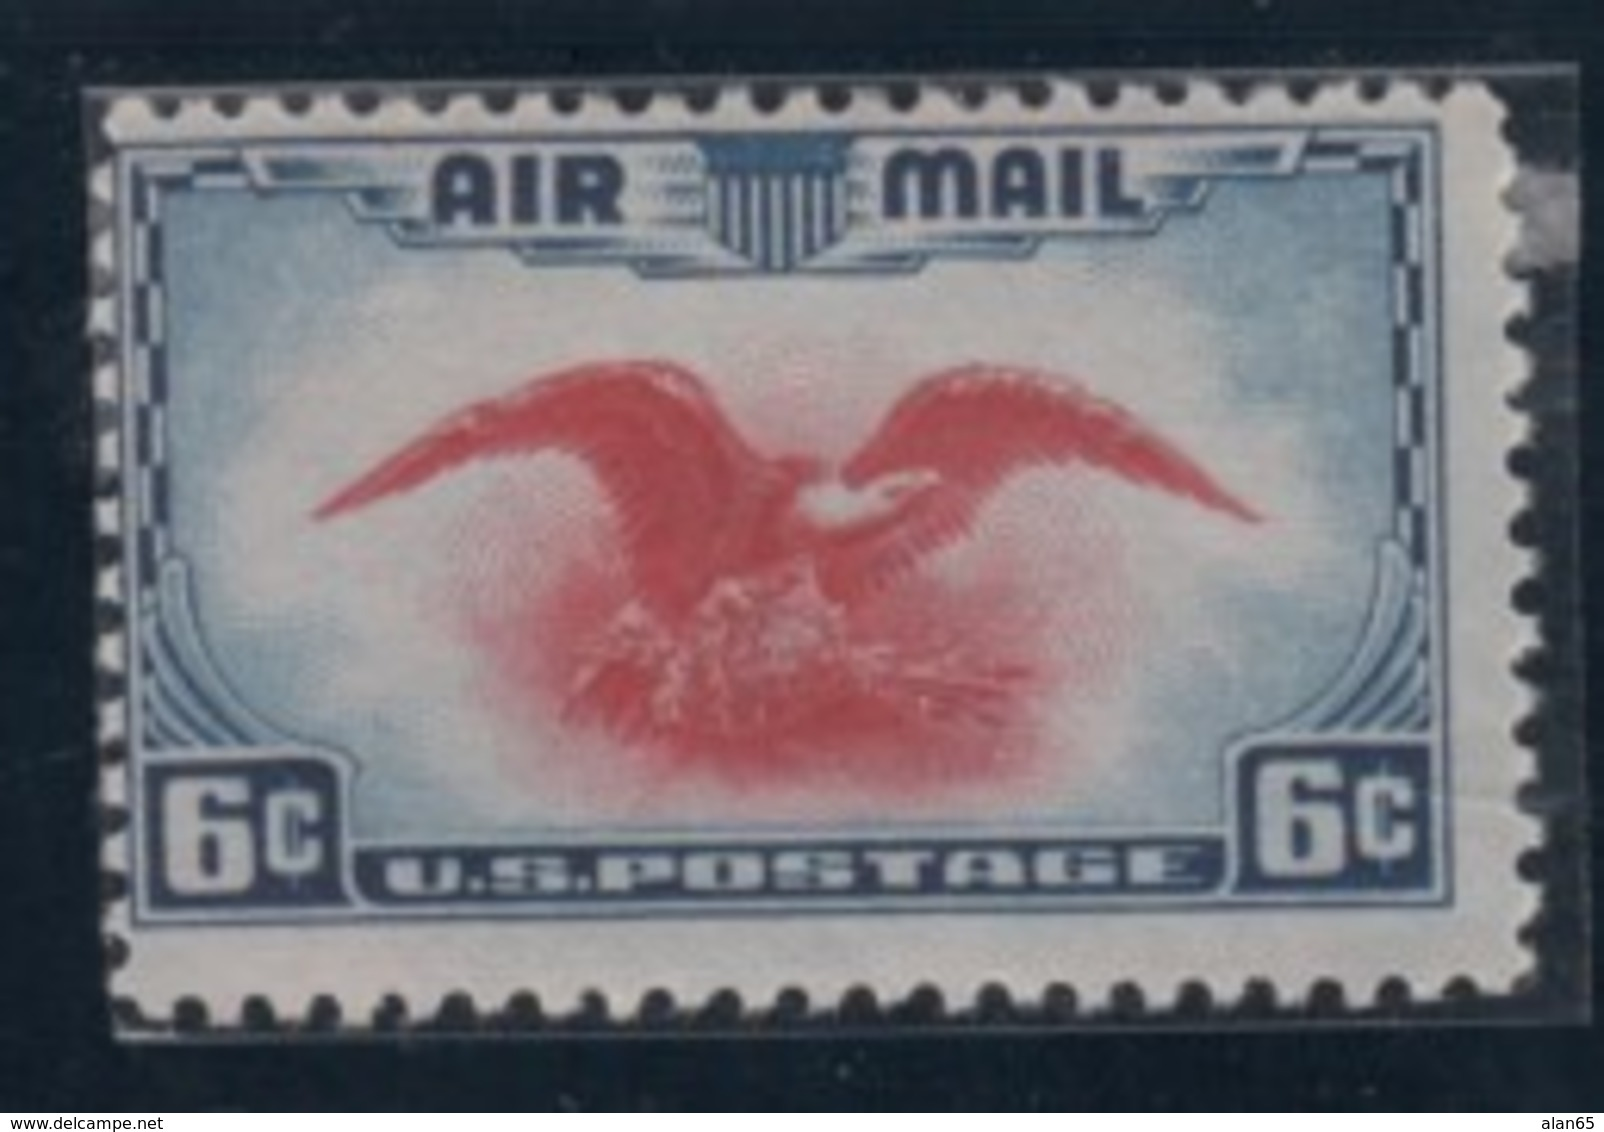 Lot Of 4 Mint US Air Mail Stamps, Sc#C20 25c #C21 20c, #C22 50c China Clipper Series, #C236c Air Mail 1935-38 Issues - Air Mail